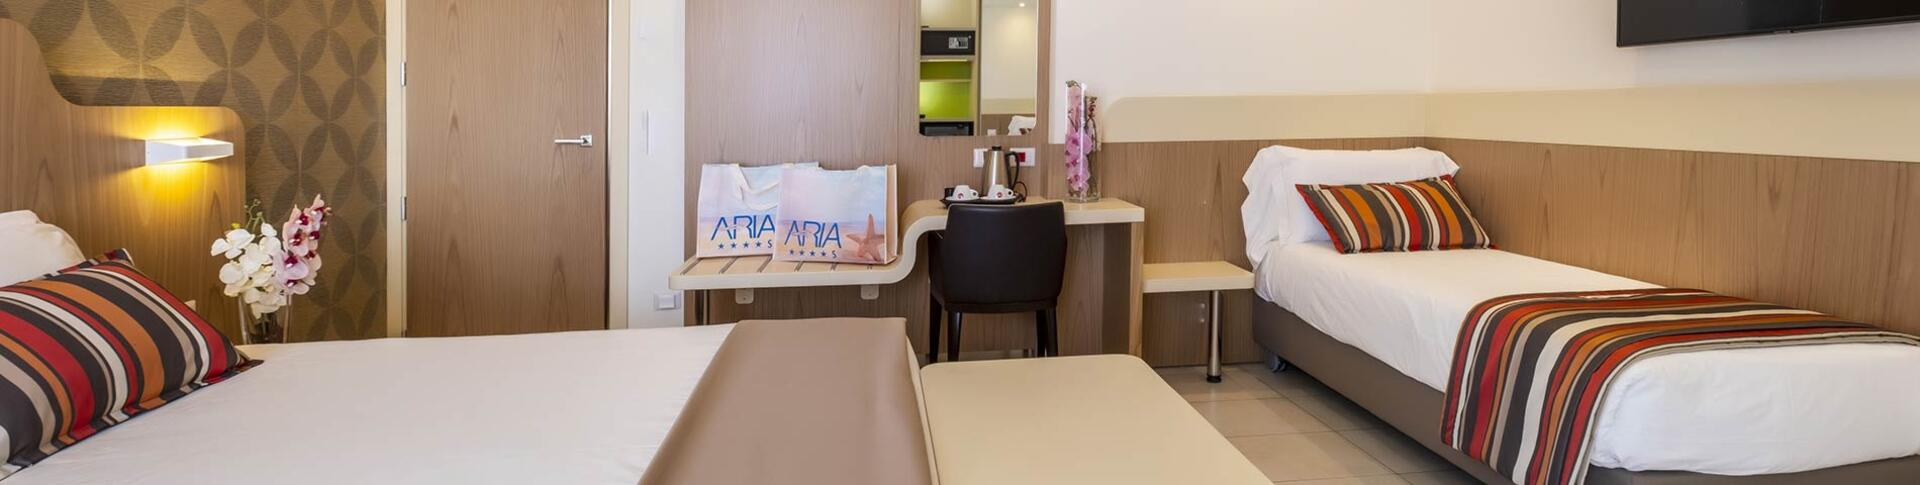 ariahotel de zimmer-deluxe 013